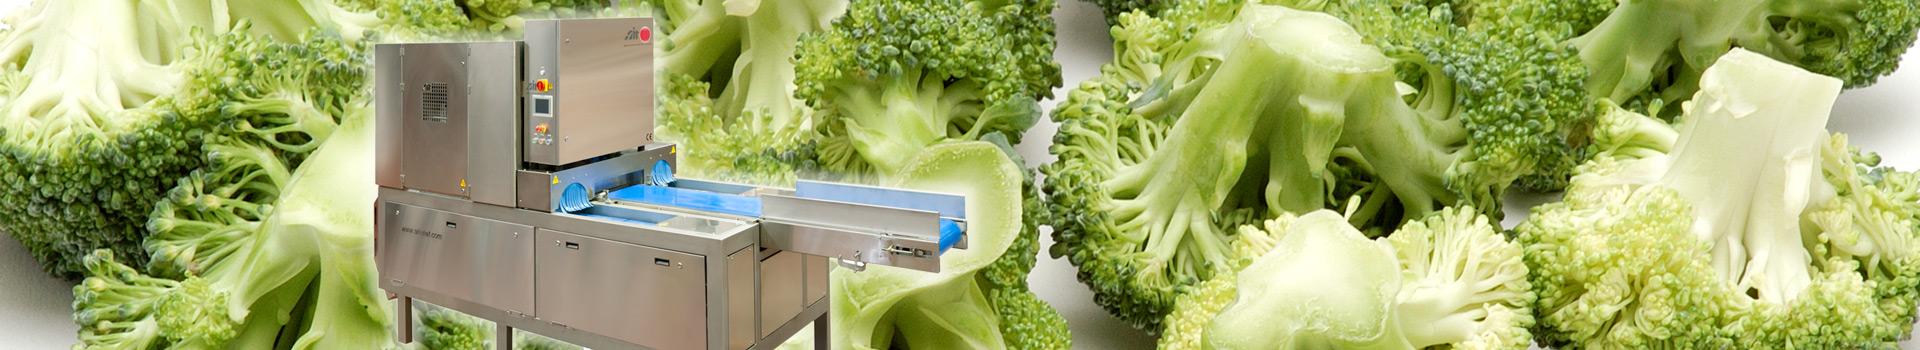 Maquinaria para cortar brócoli